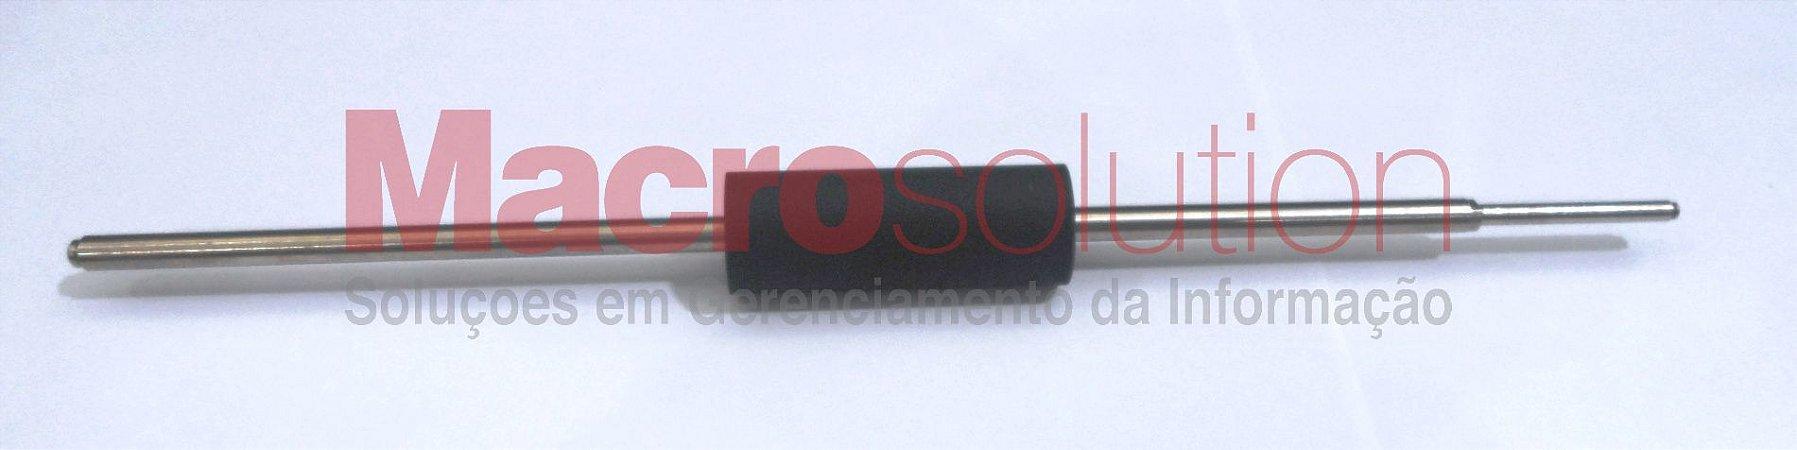 069-0001-0-SP - Rolo Alimentador - Scanner AV210 | AV210C2 | AV210C2+ | AV220 | AV220G | AV220C2 | AV220C2+